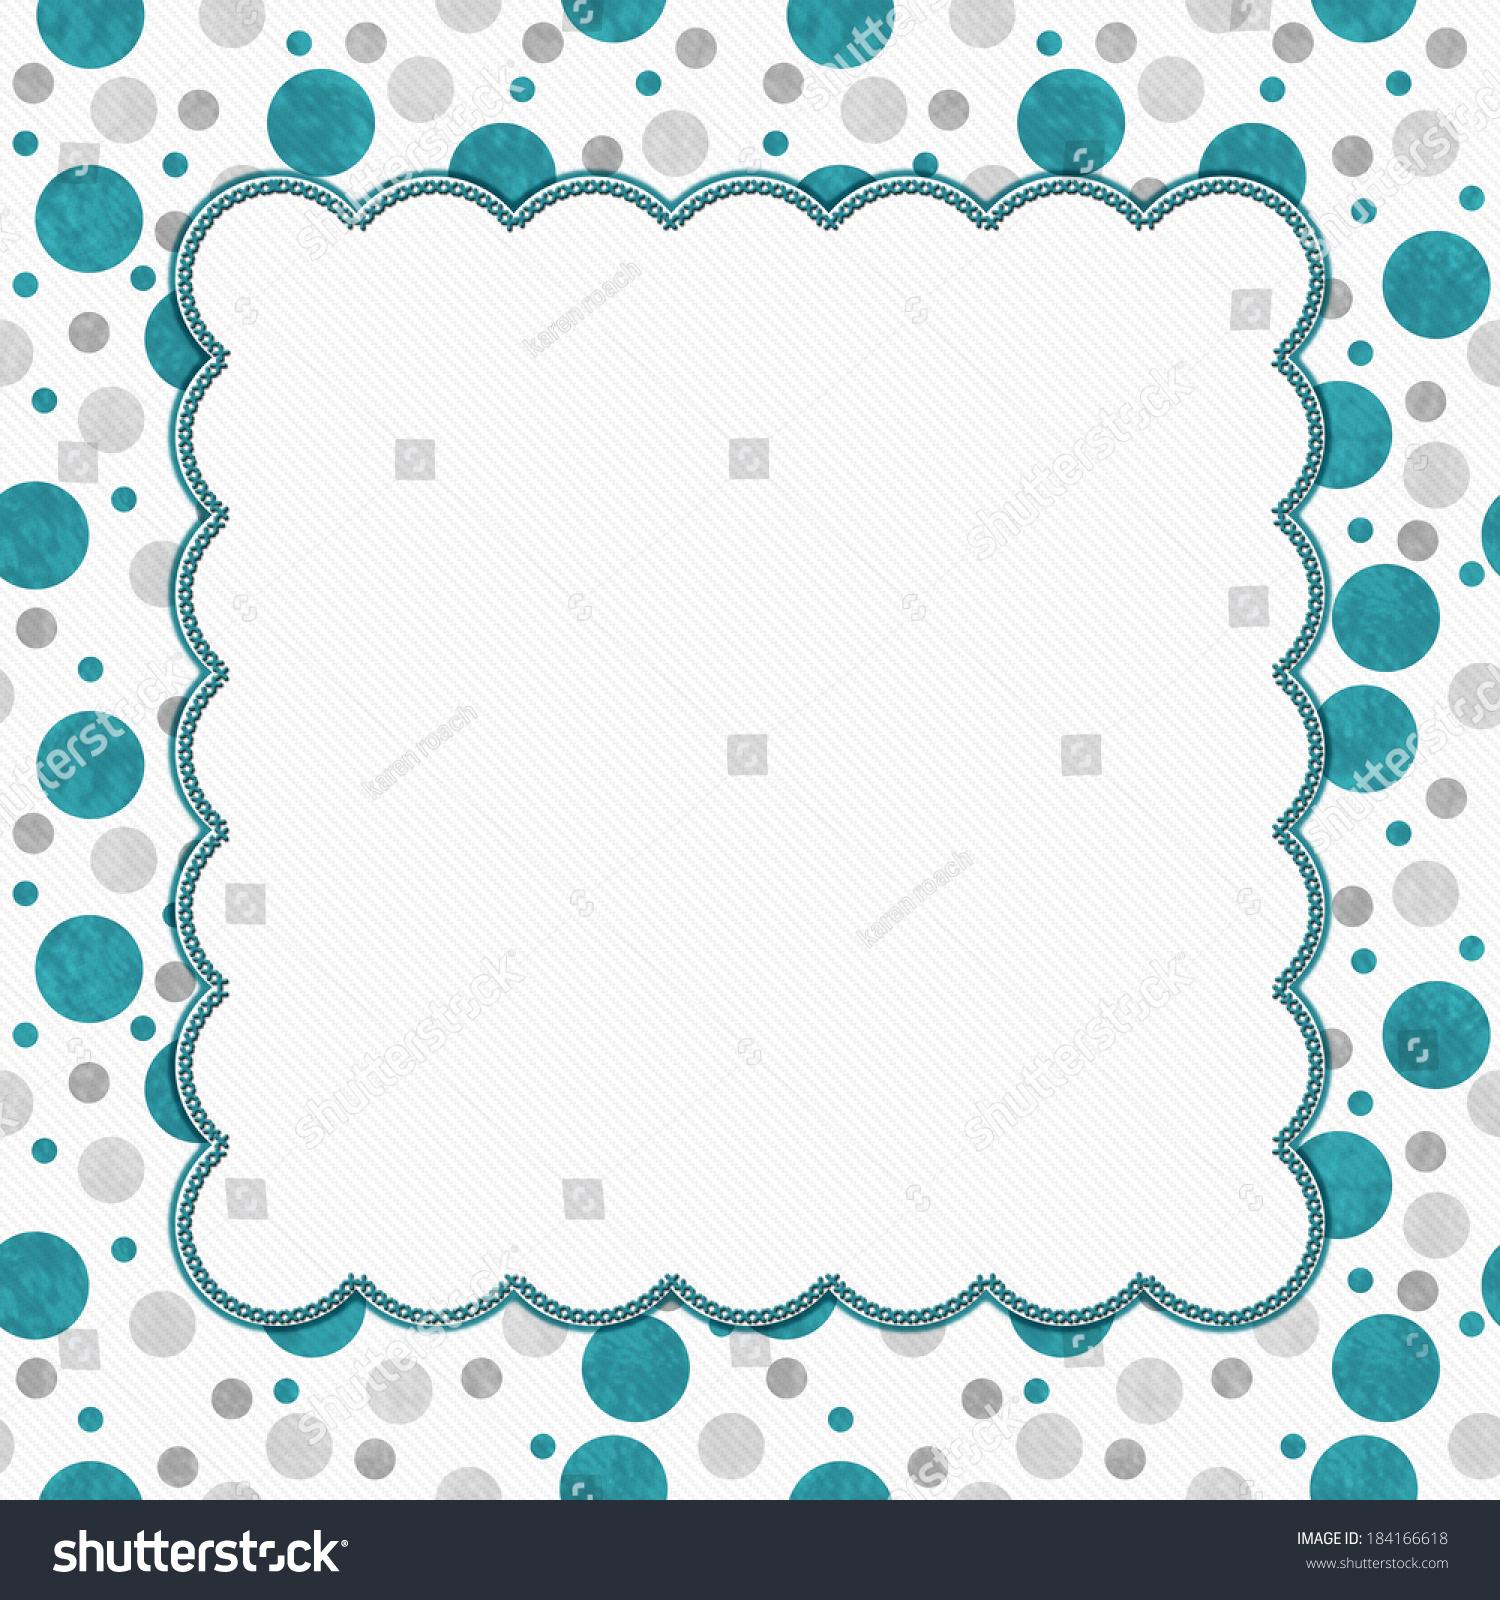 Teal Gray White Polka Dots Frame Stock Illustration 184166618 ...